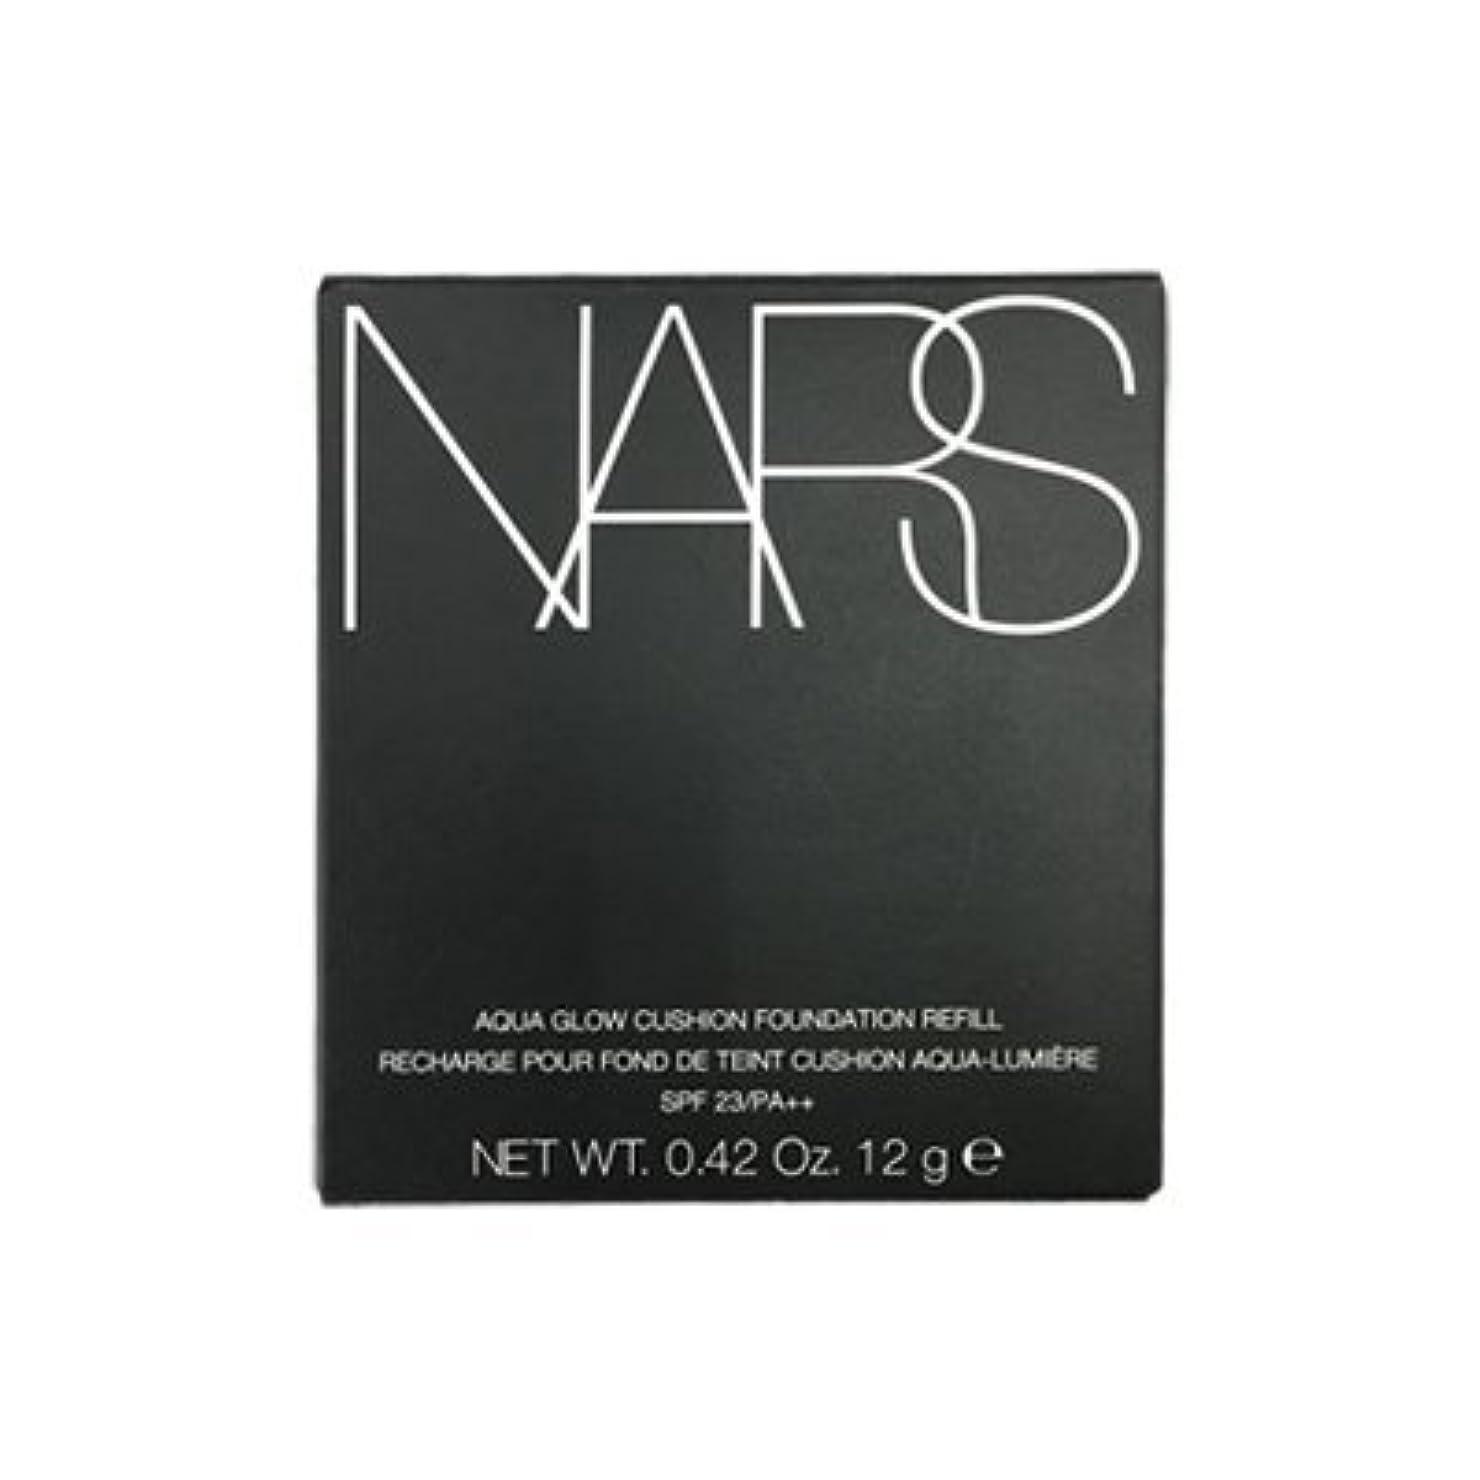 ゴールデンスズメバチ市民NARS アクアティックグロー クッションコンパクト レフィル SPF23/PA++ #6802 [並行輸入品]